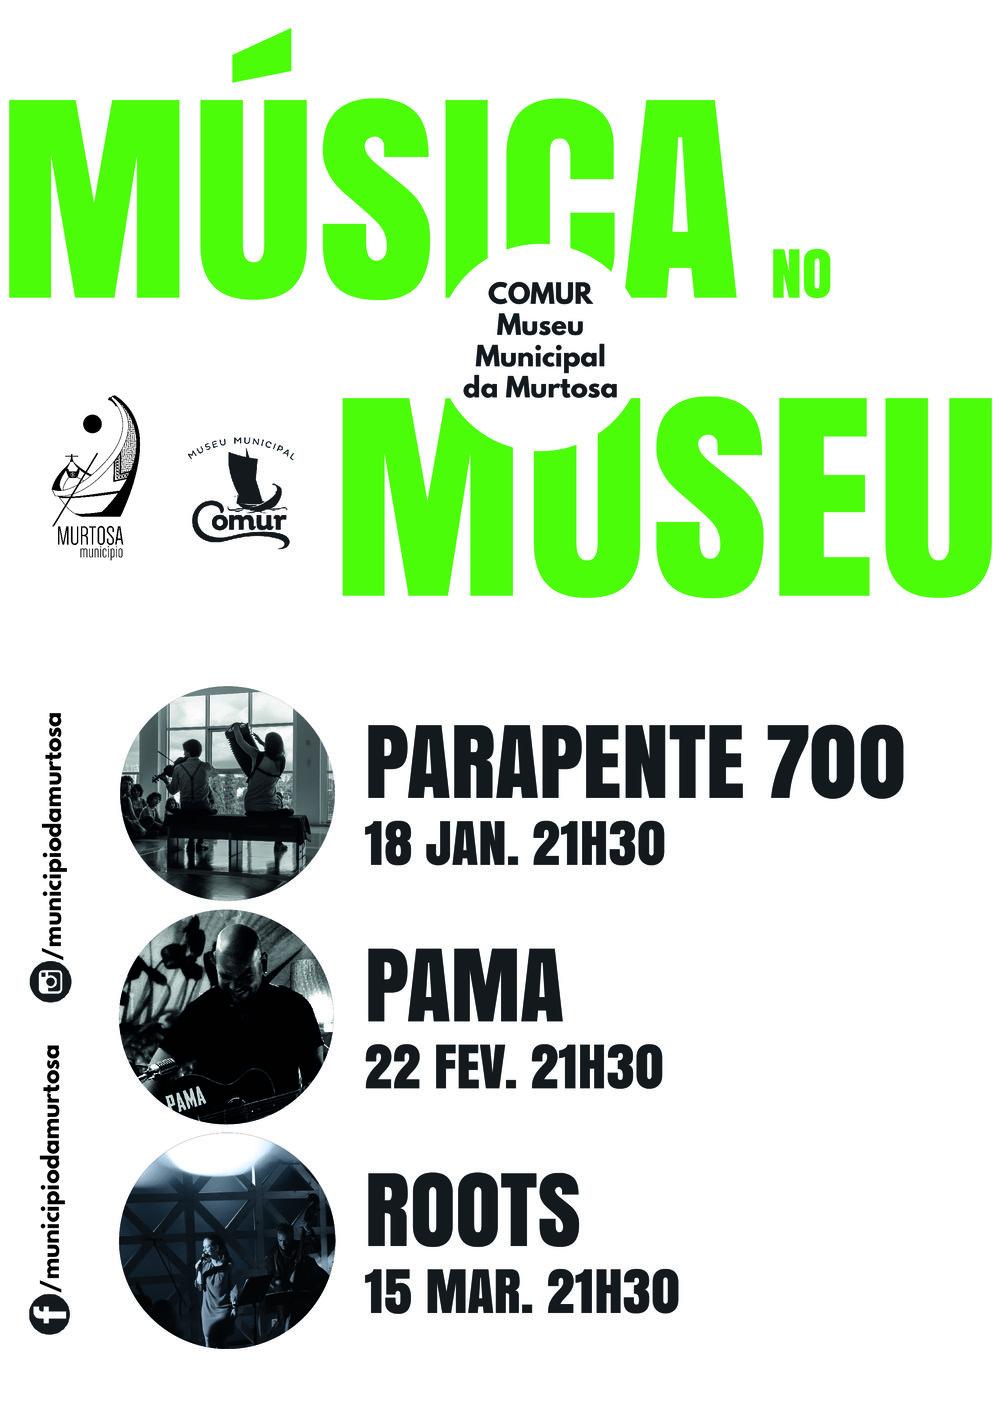 Música no Museu Cartaz 2019.1.23-01.jpg